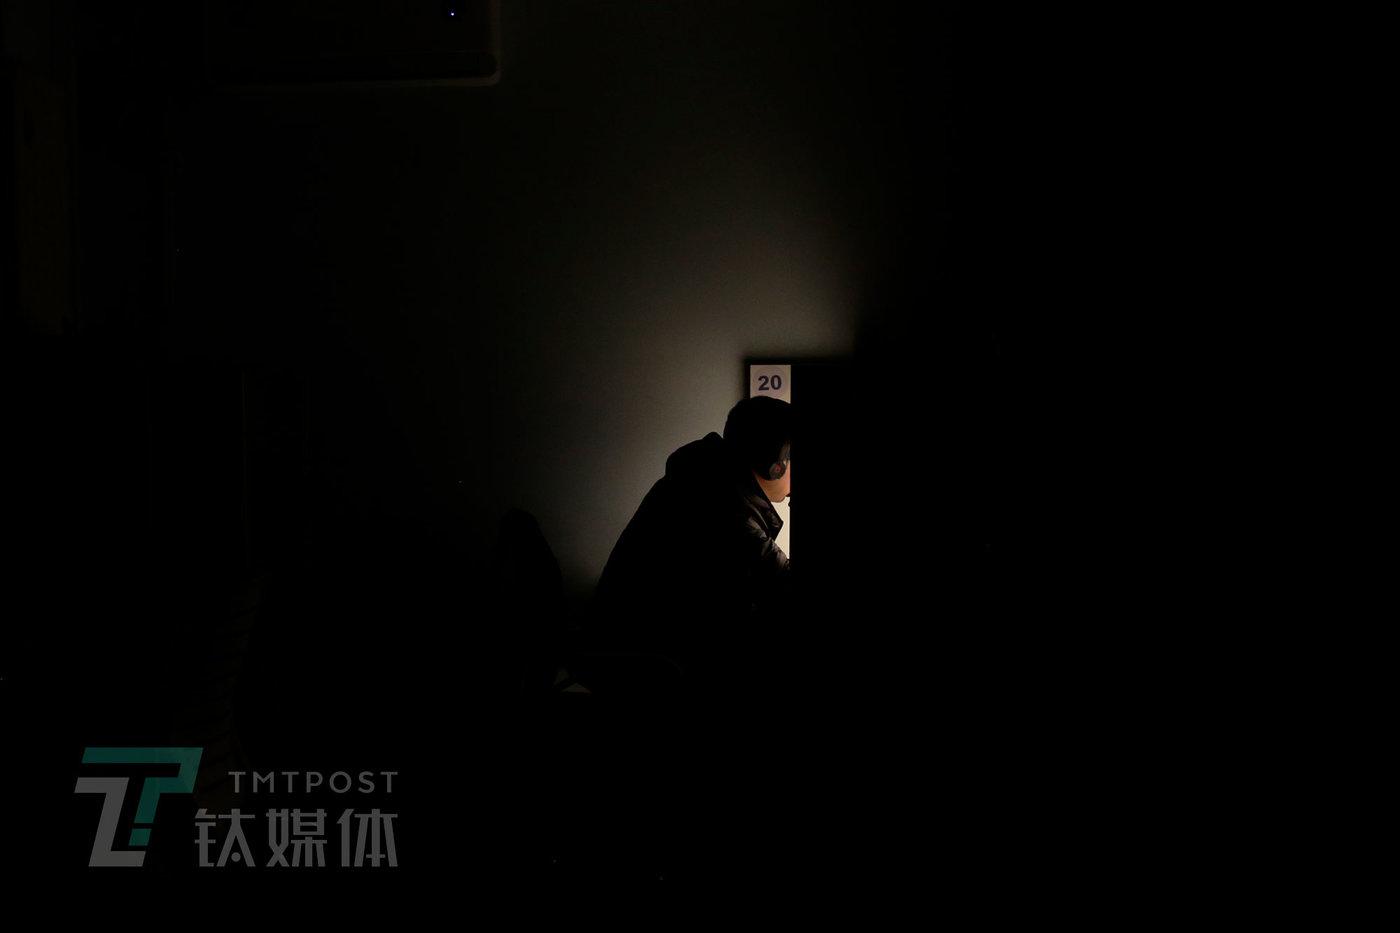 11月24日22点34分,北京海淀区,时分付费自习室,顾客在格子间学习。